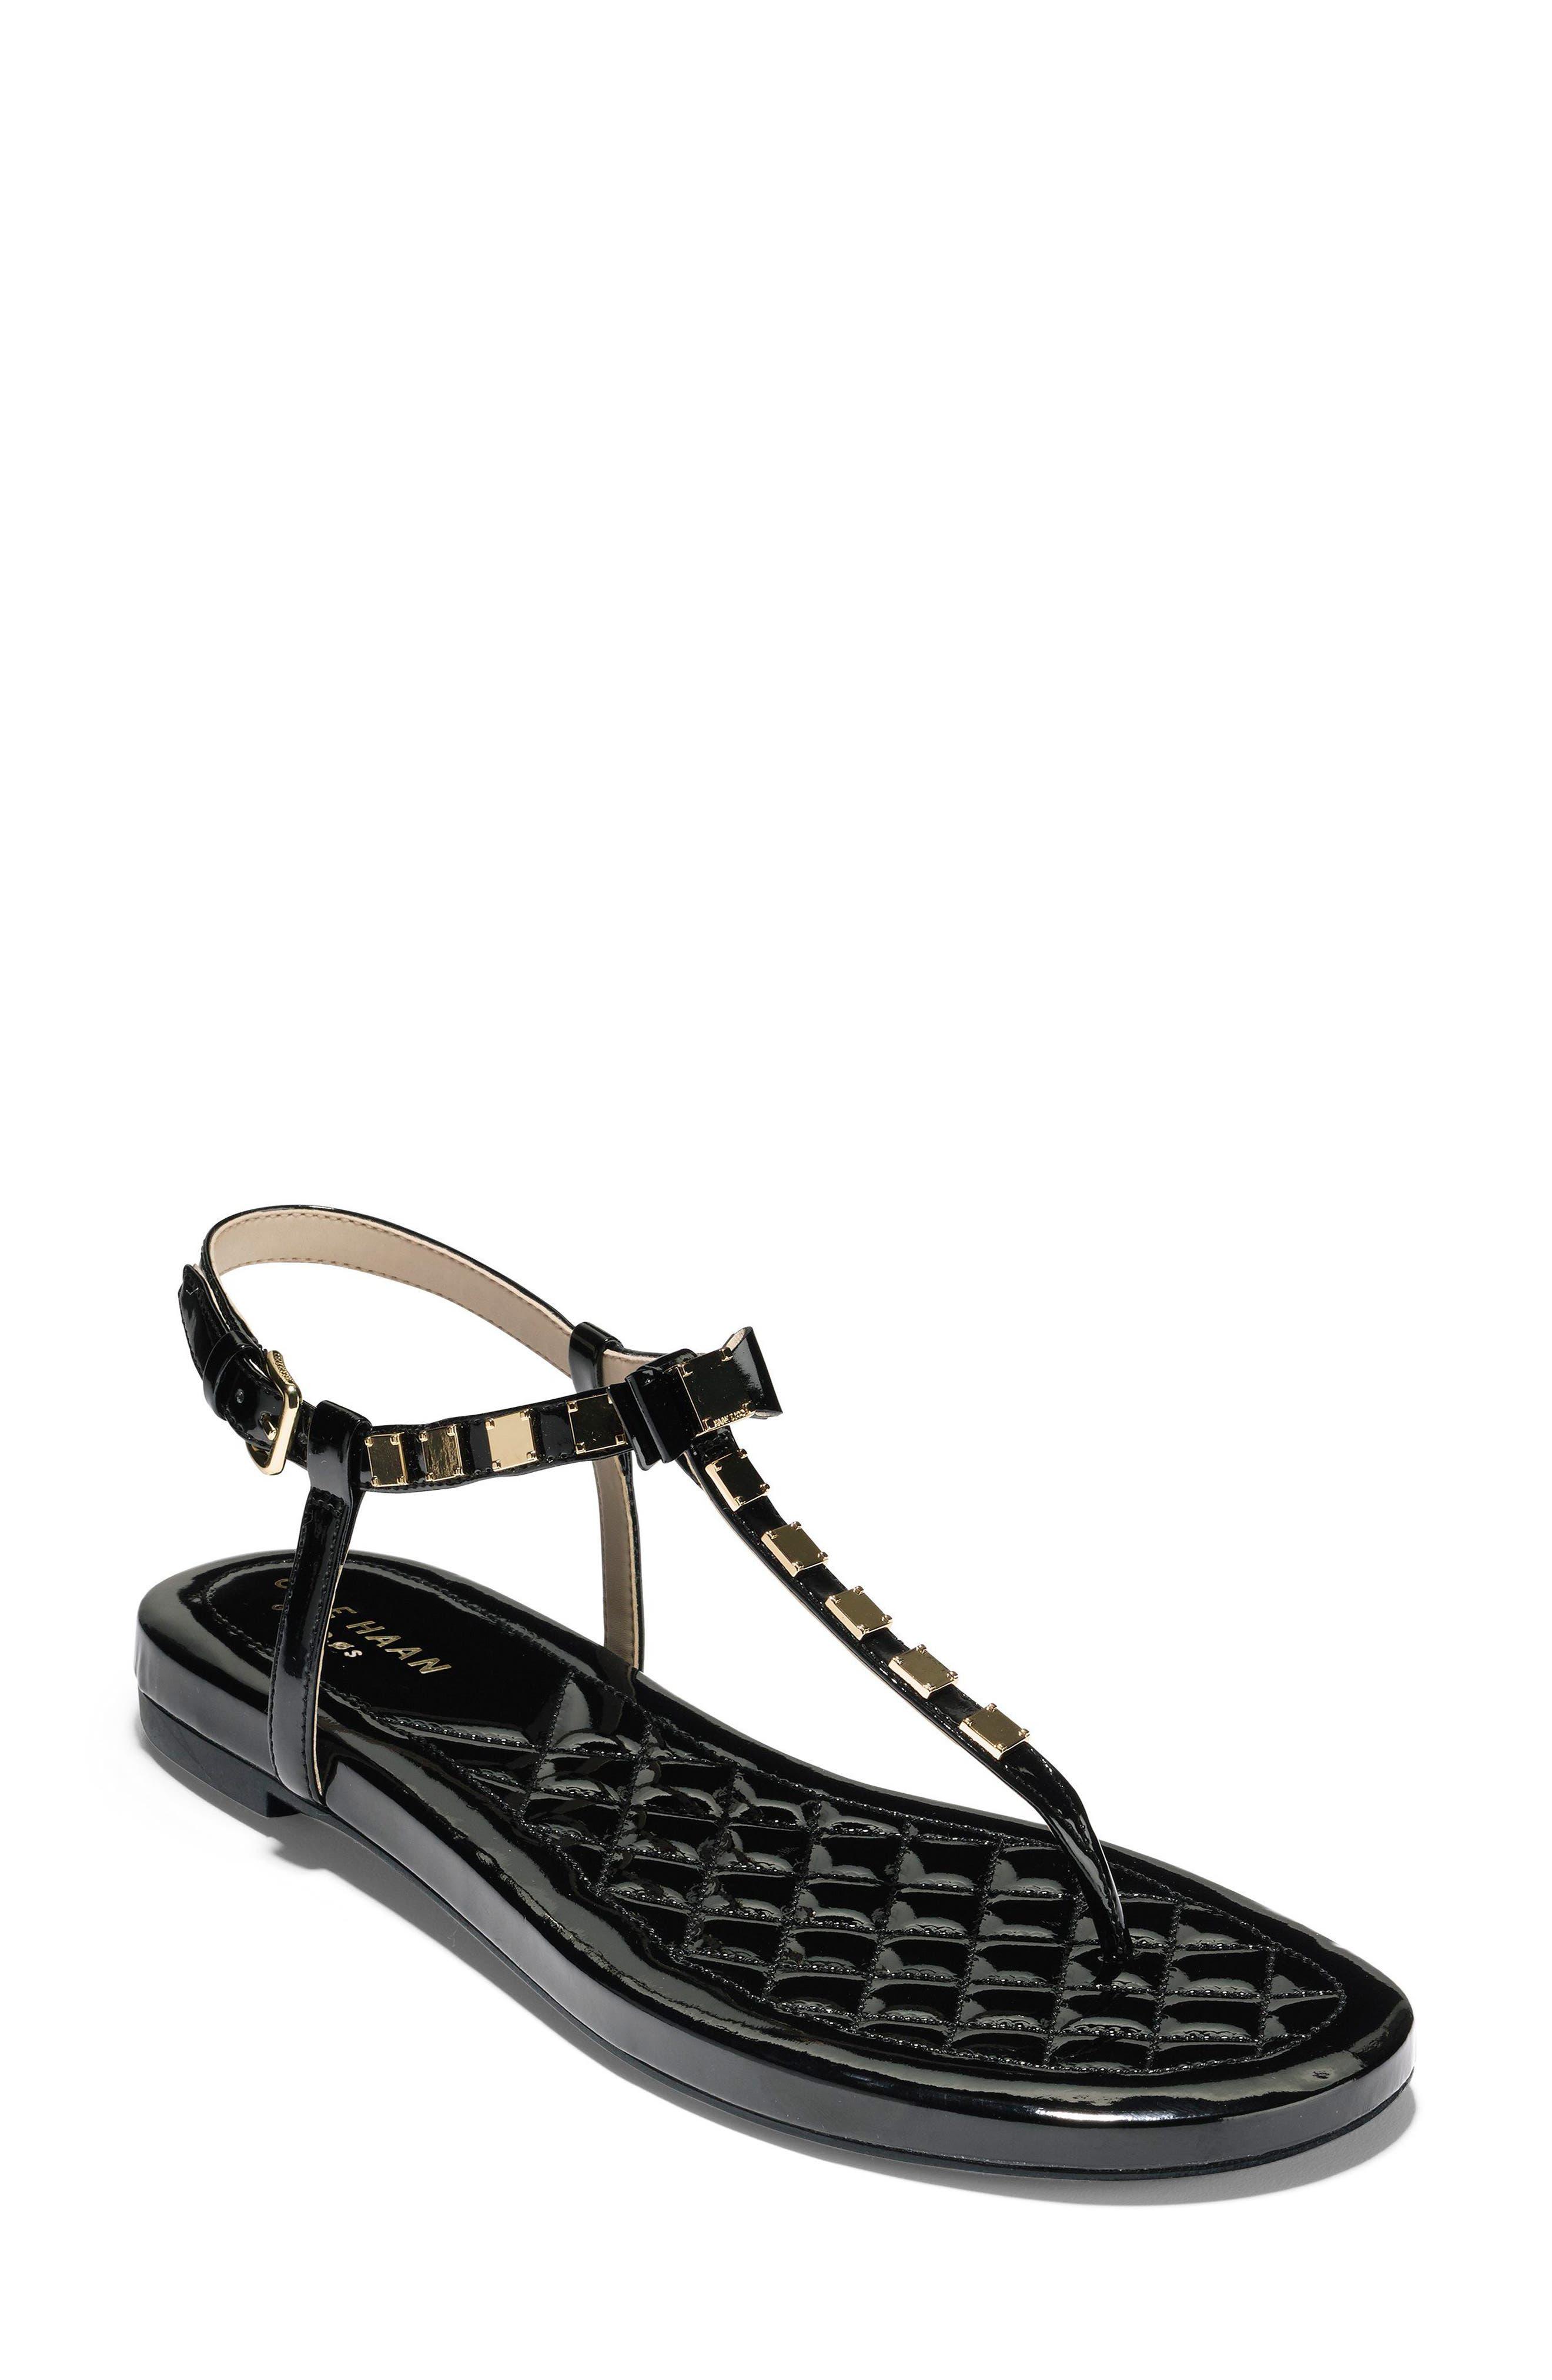 Tali Mini Bow Sandal,                             Main thumbnail 1, color,                             Black Patent